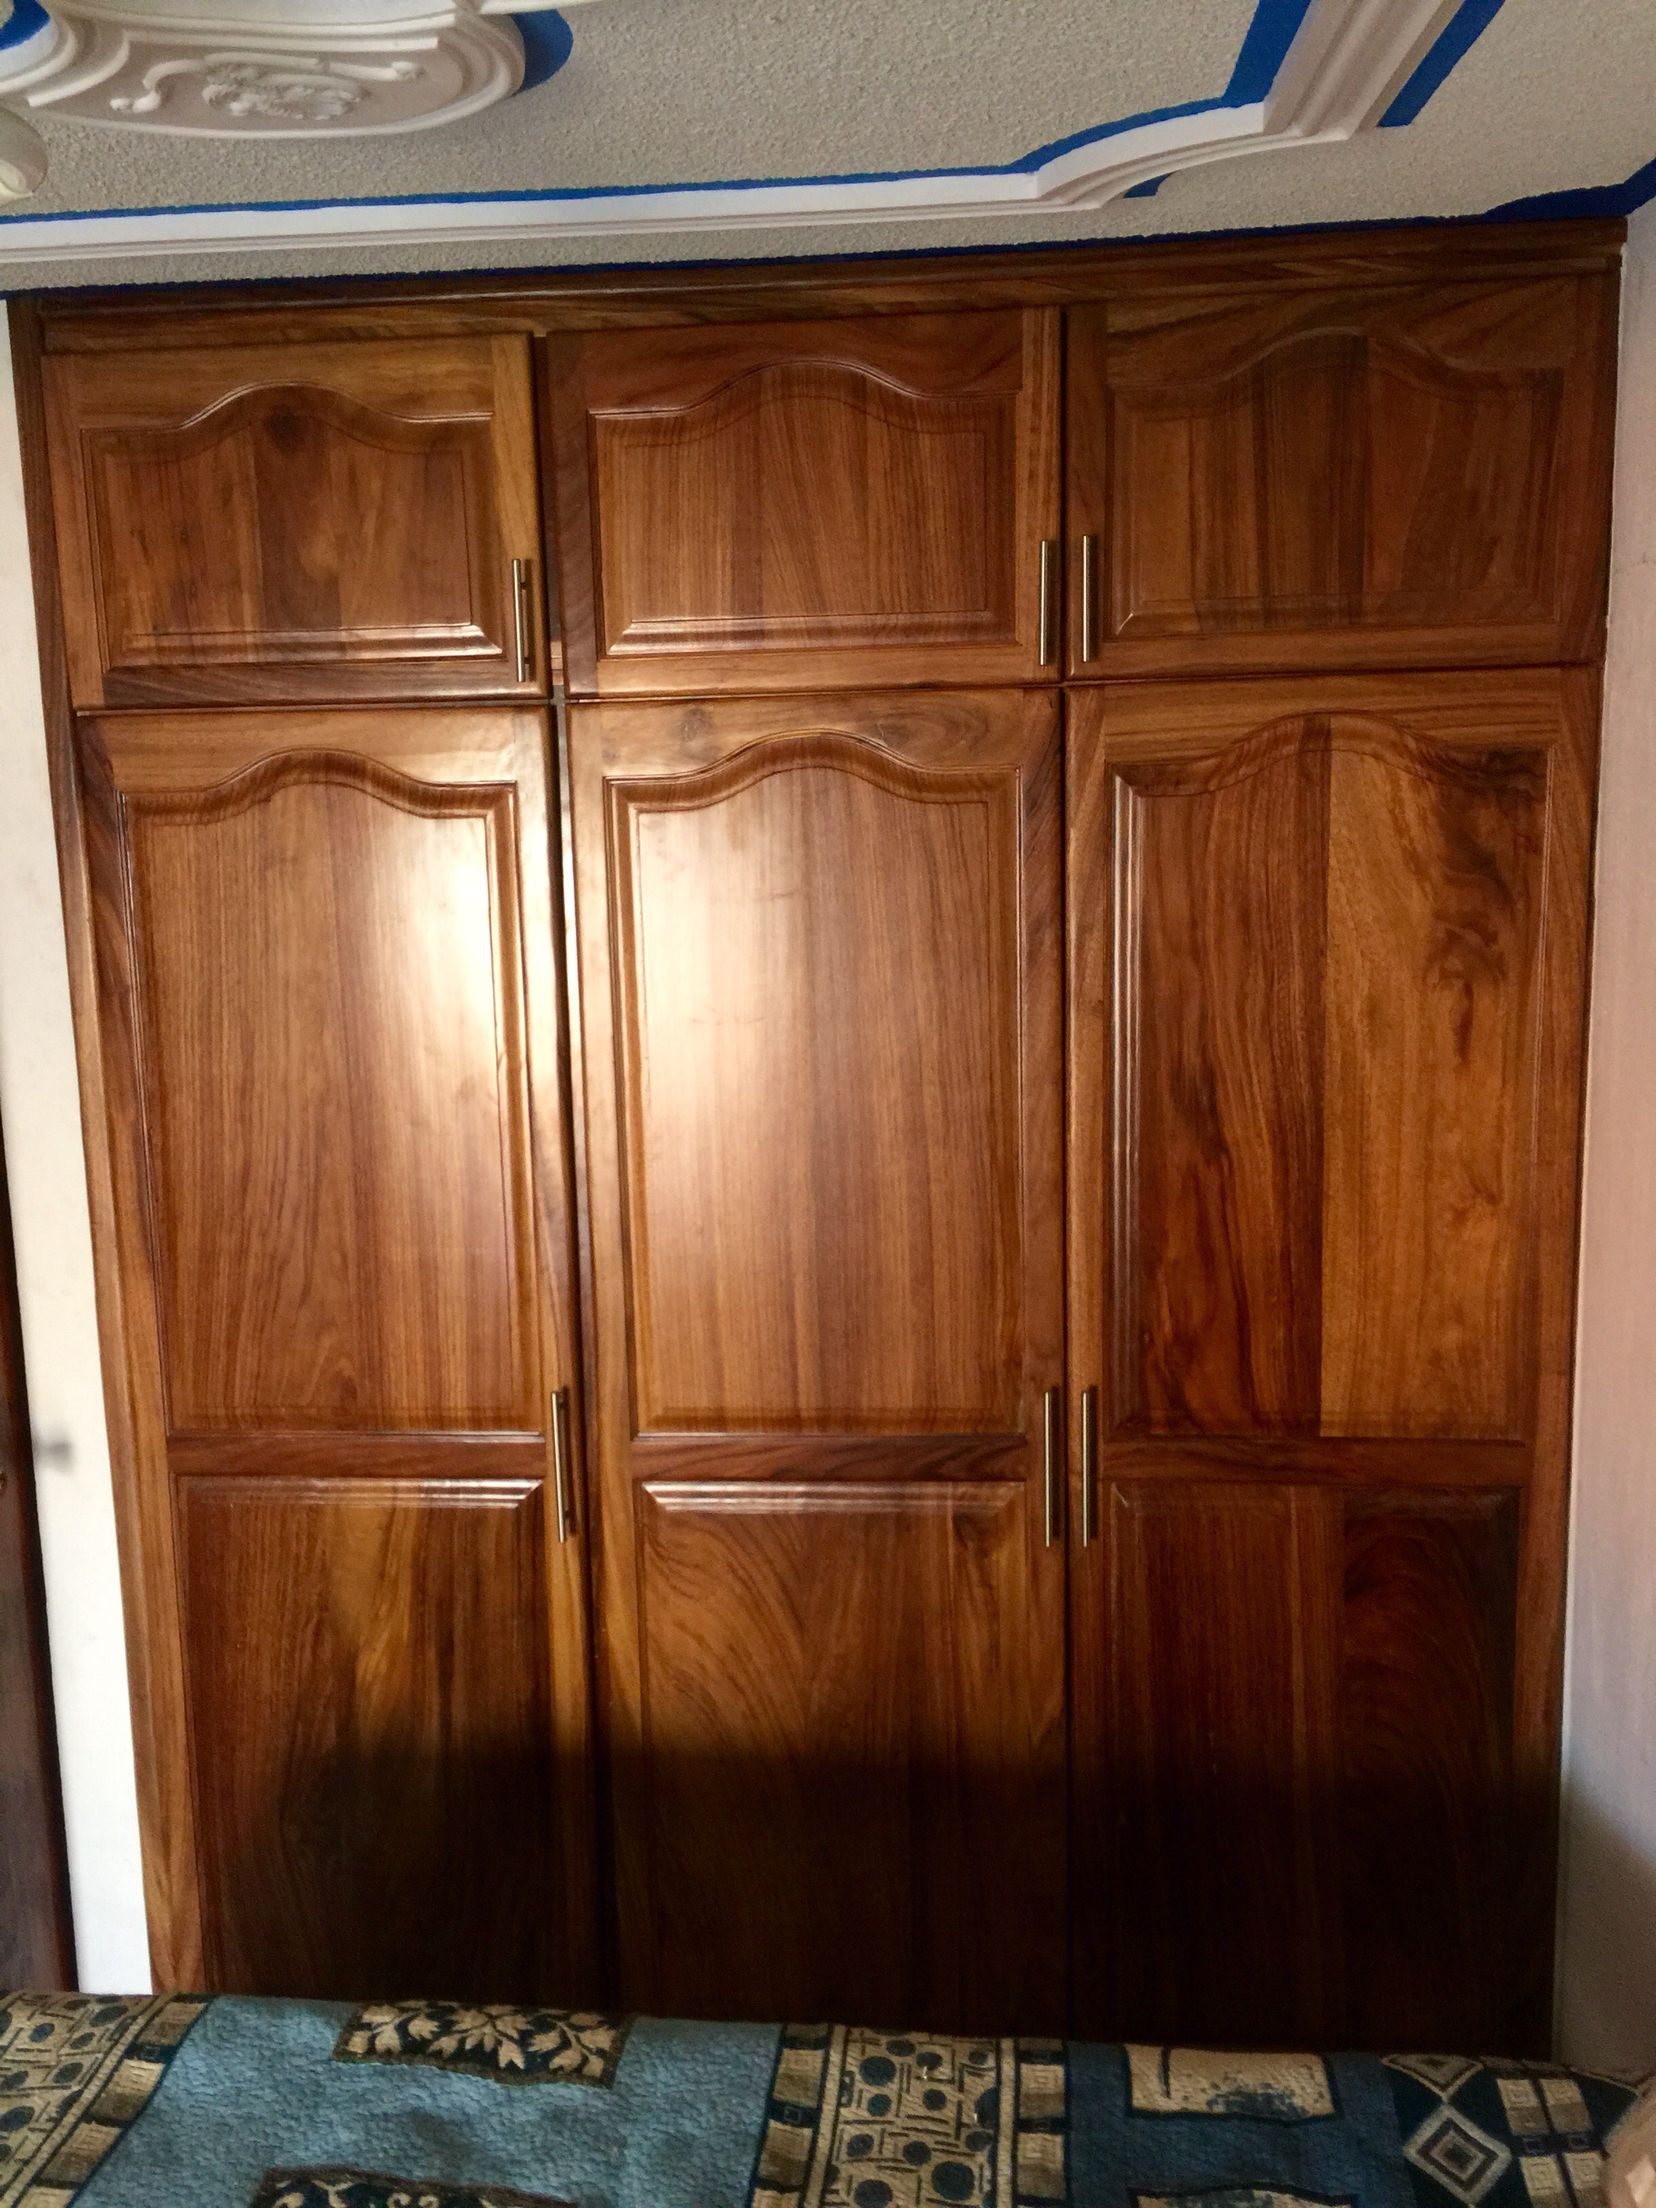 cl set en madera de parota con puertas estilo catedral On puertas de closet en madera